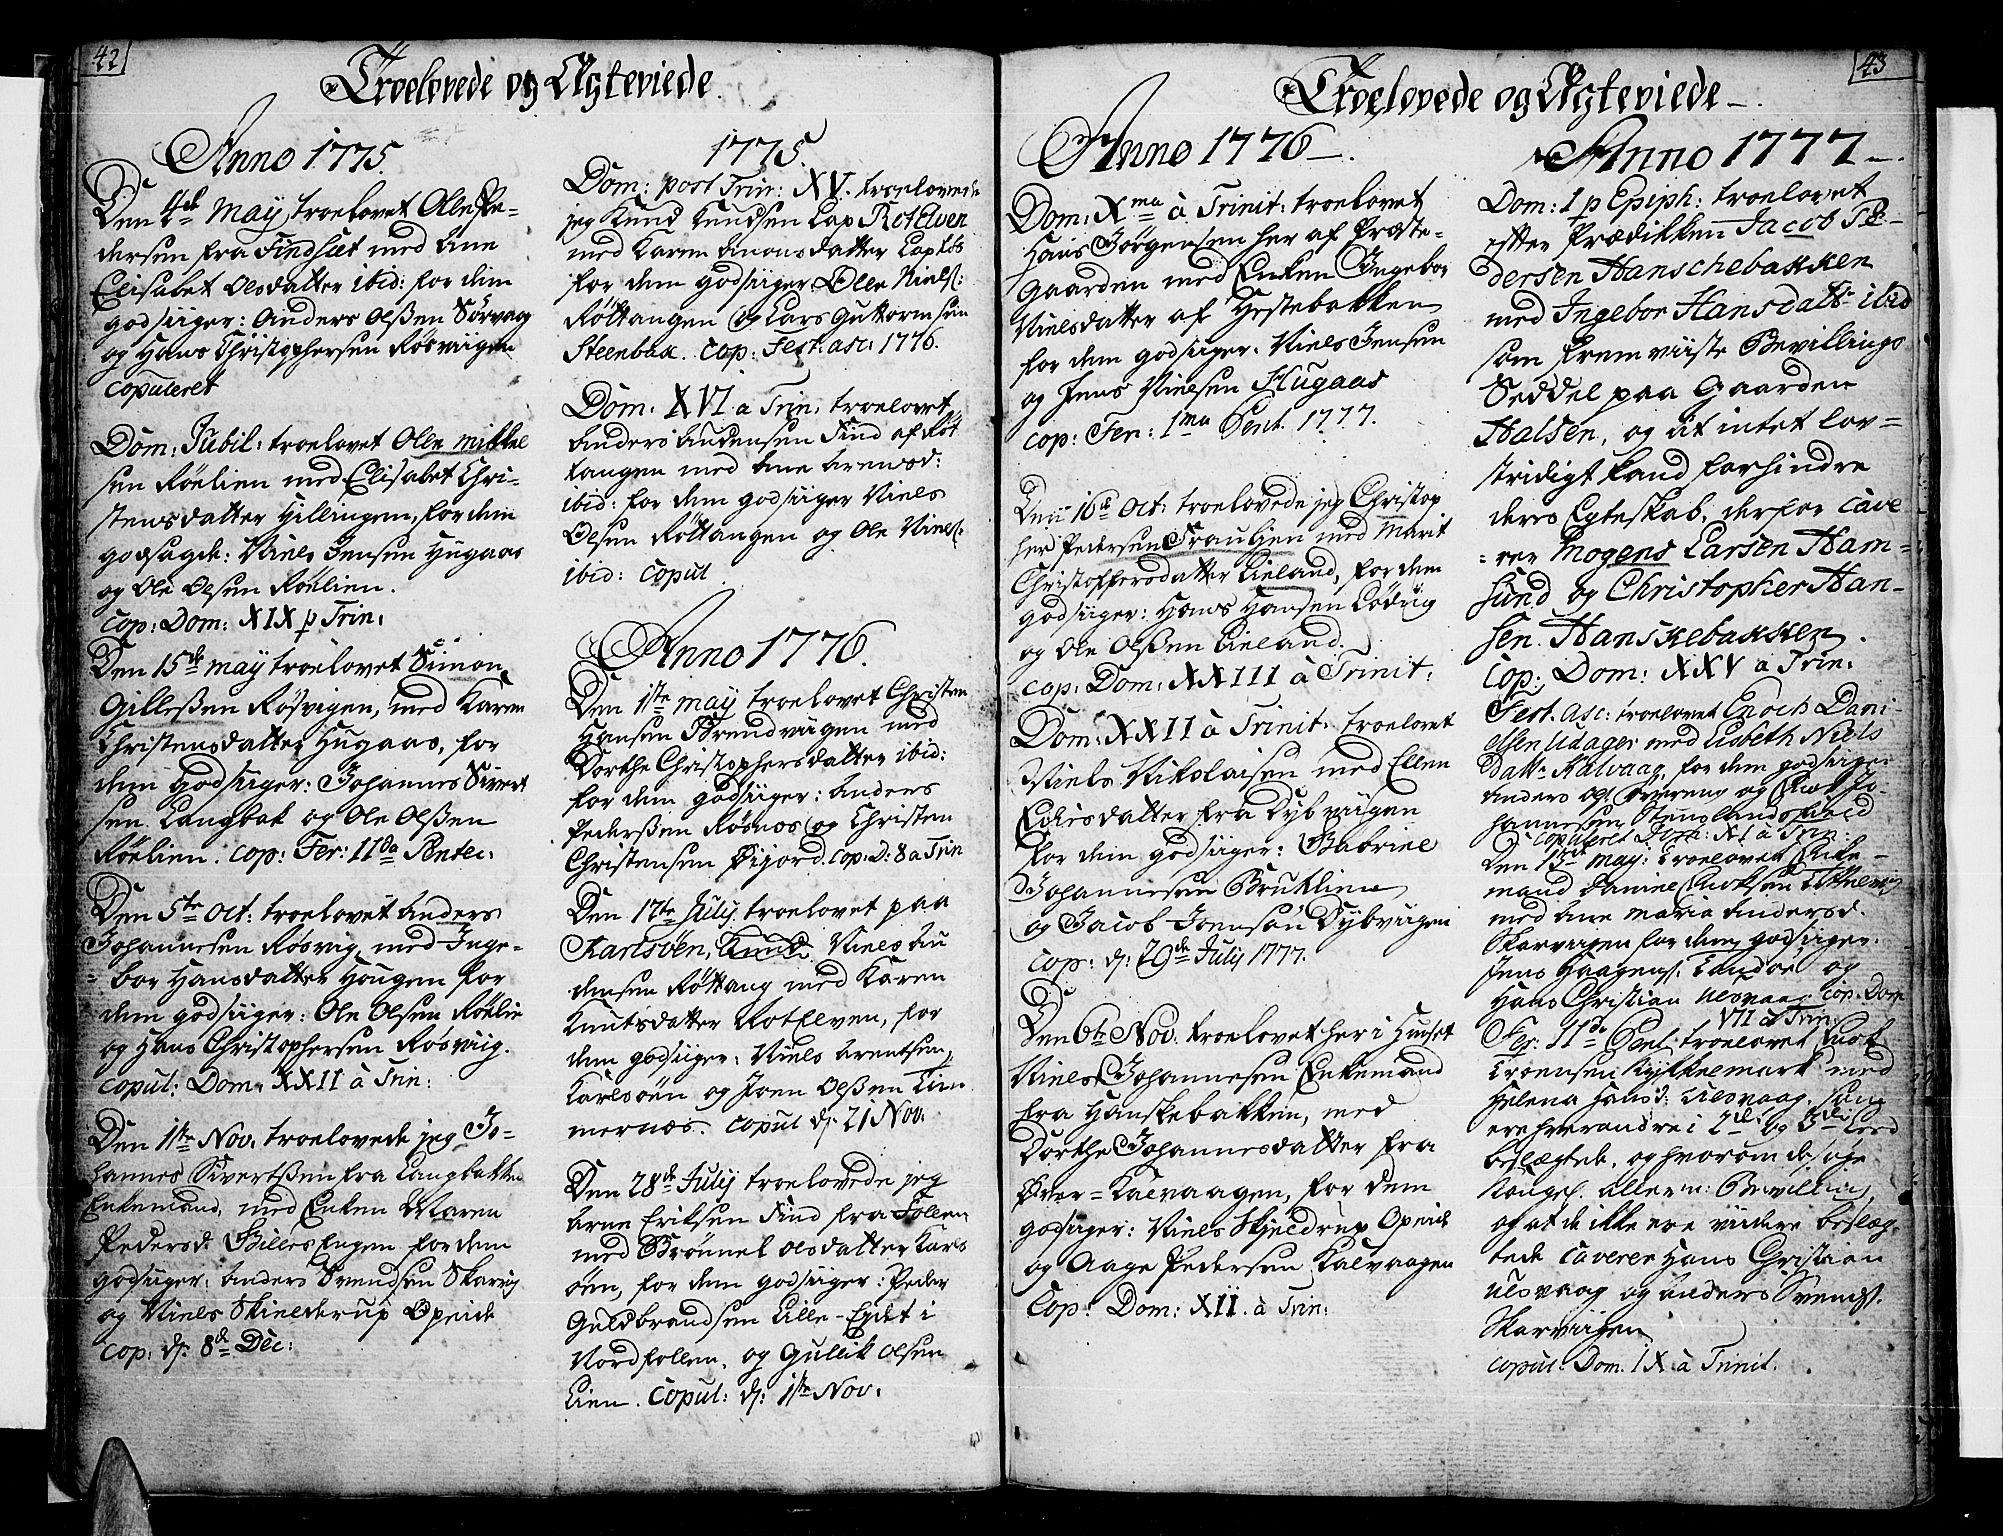 SAT, Ministerialprotokoller, klokkerbøker og fødselsregistre - Nordland, 859/L0841: Parish register (official) no. 859A01, 1766-1821, p. 42-43